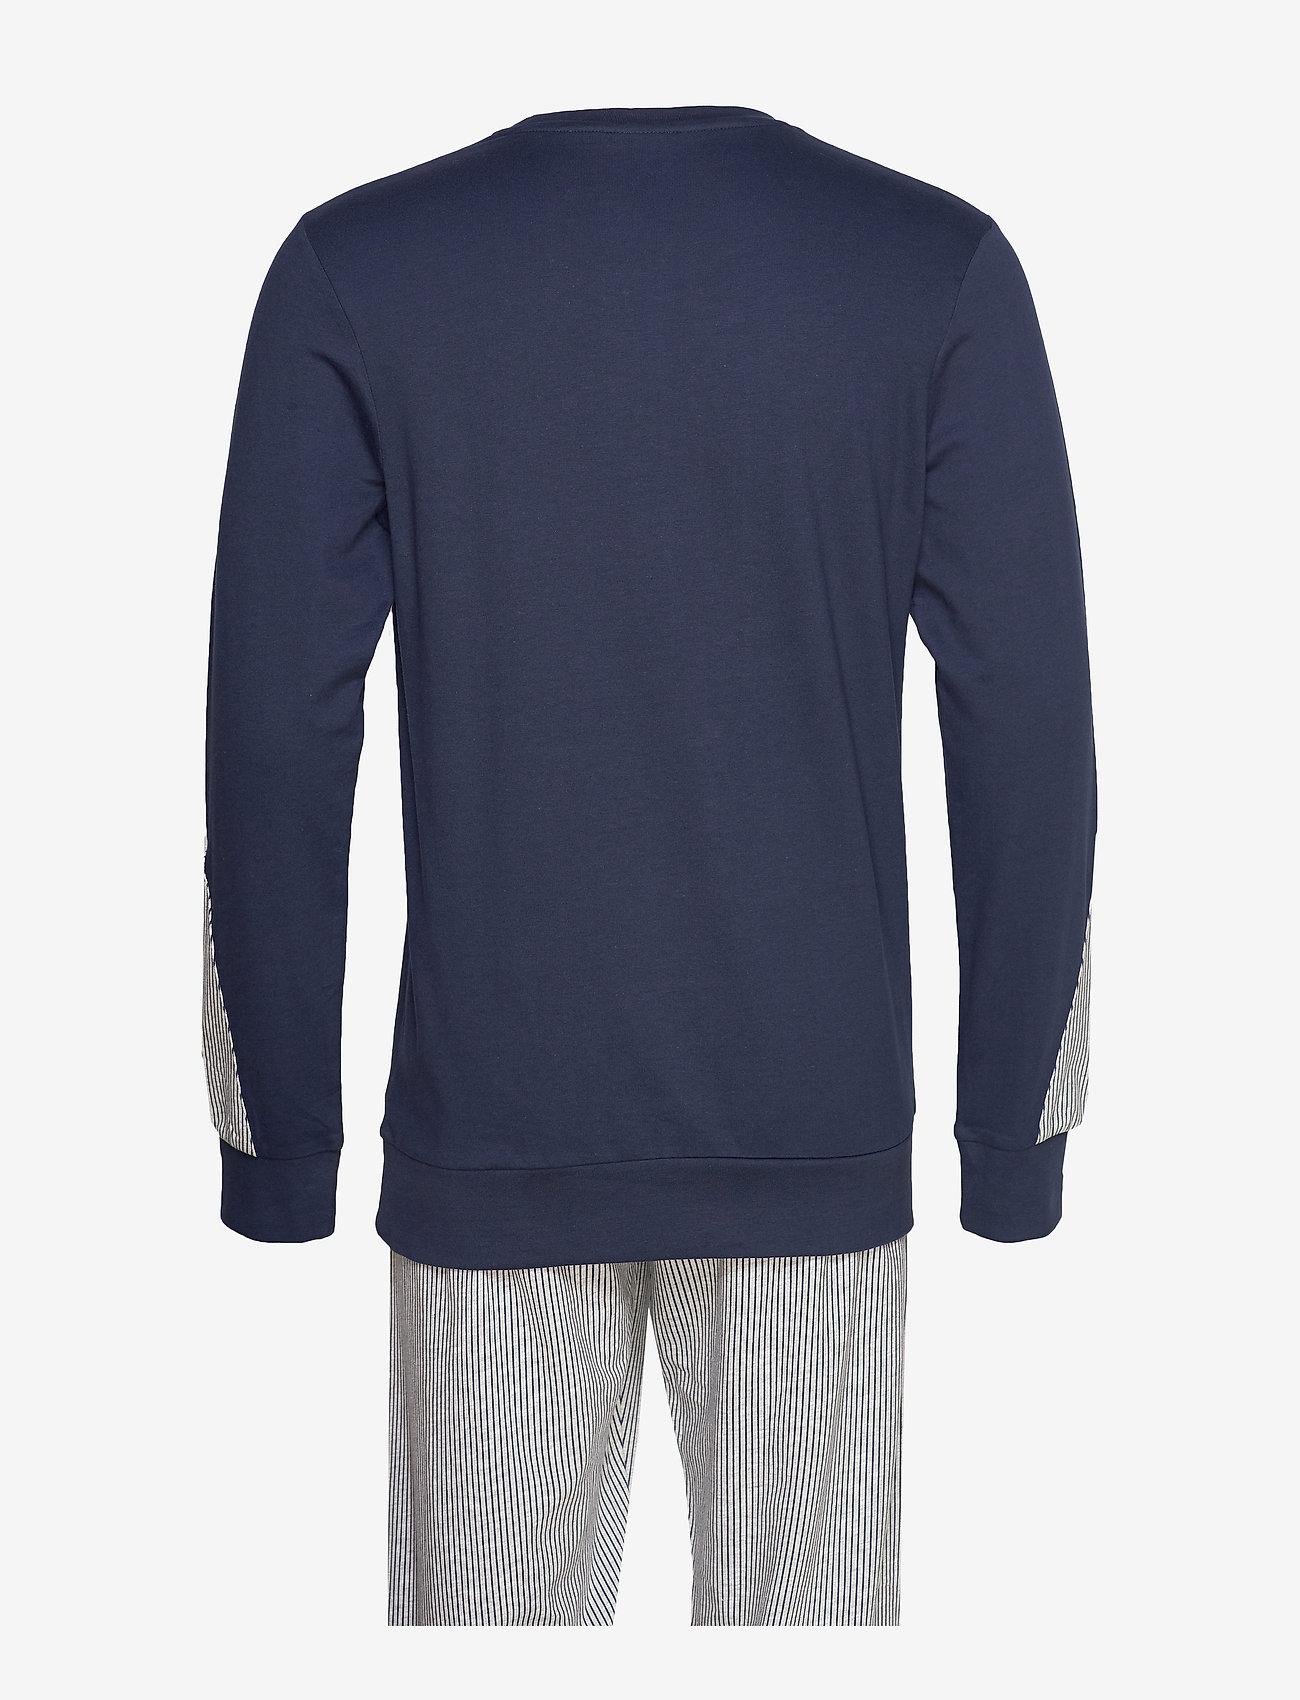 CR7 - CR7 Mens pyjamas - pyjamas - blue - 1